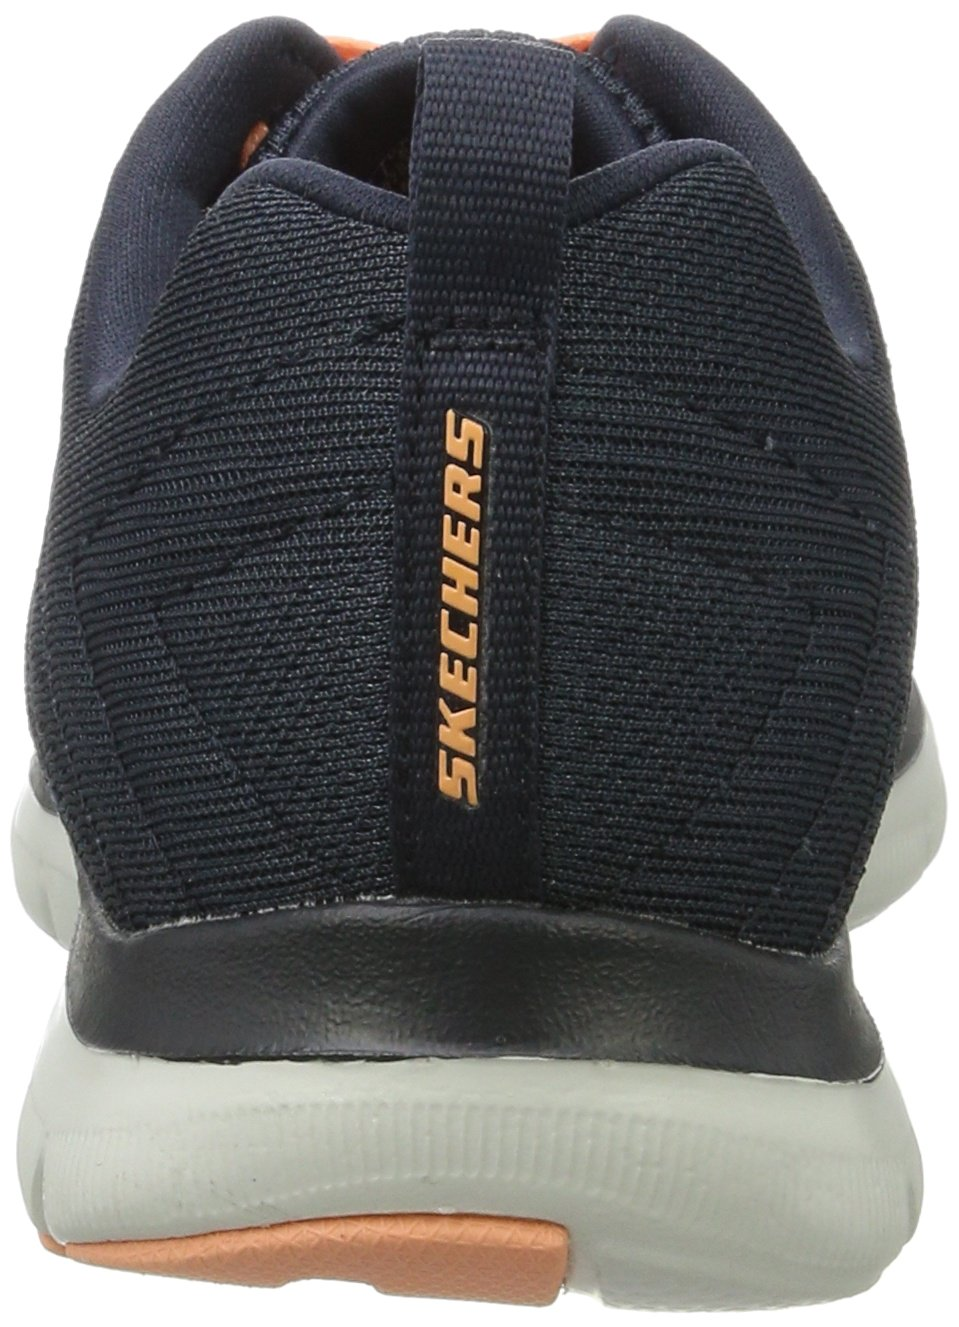 Skechers Damen Flex Appeal 2.0-Break Free Outdoor Running Trainers mit aus Schnürung und Gepolsterter Einlegesohle aus mit Air Cooled Memory Foam Grau (Char) 1069a1